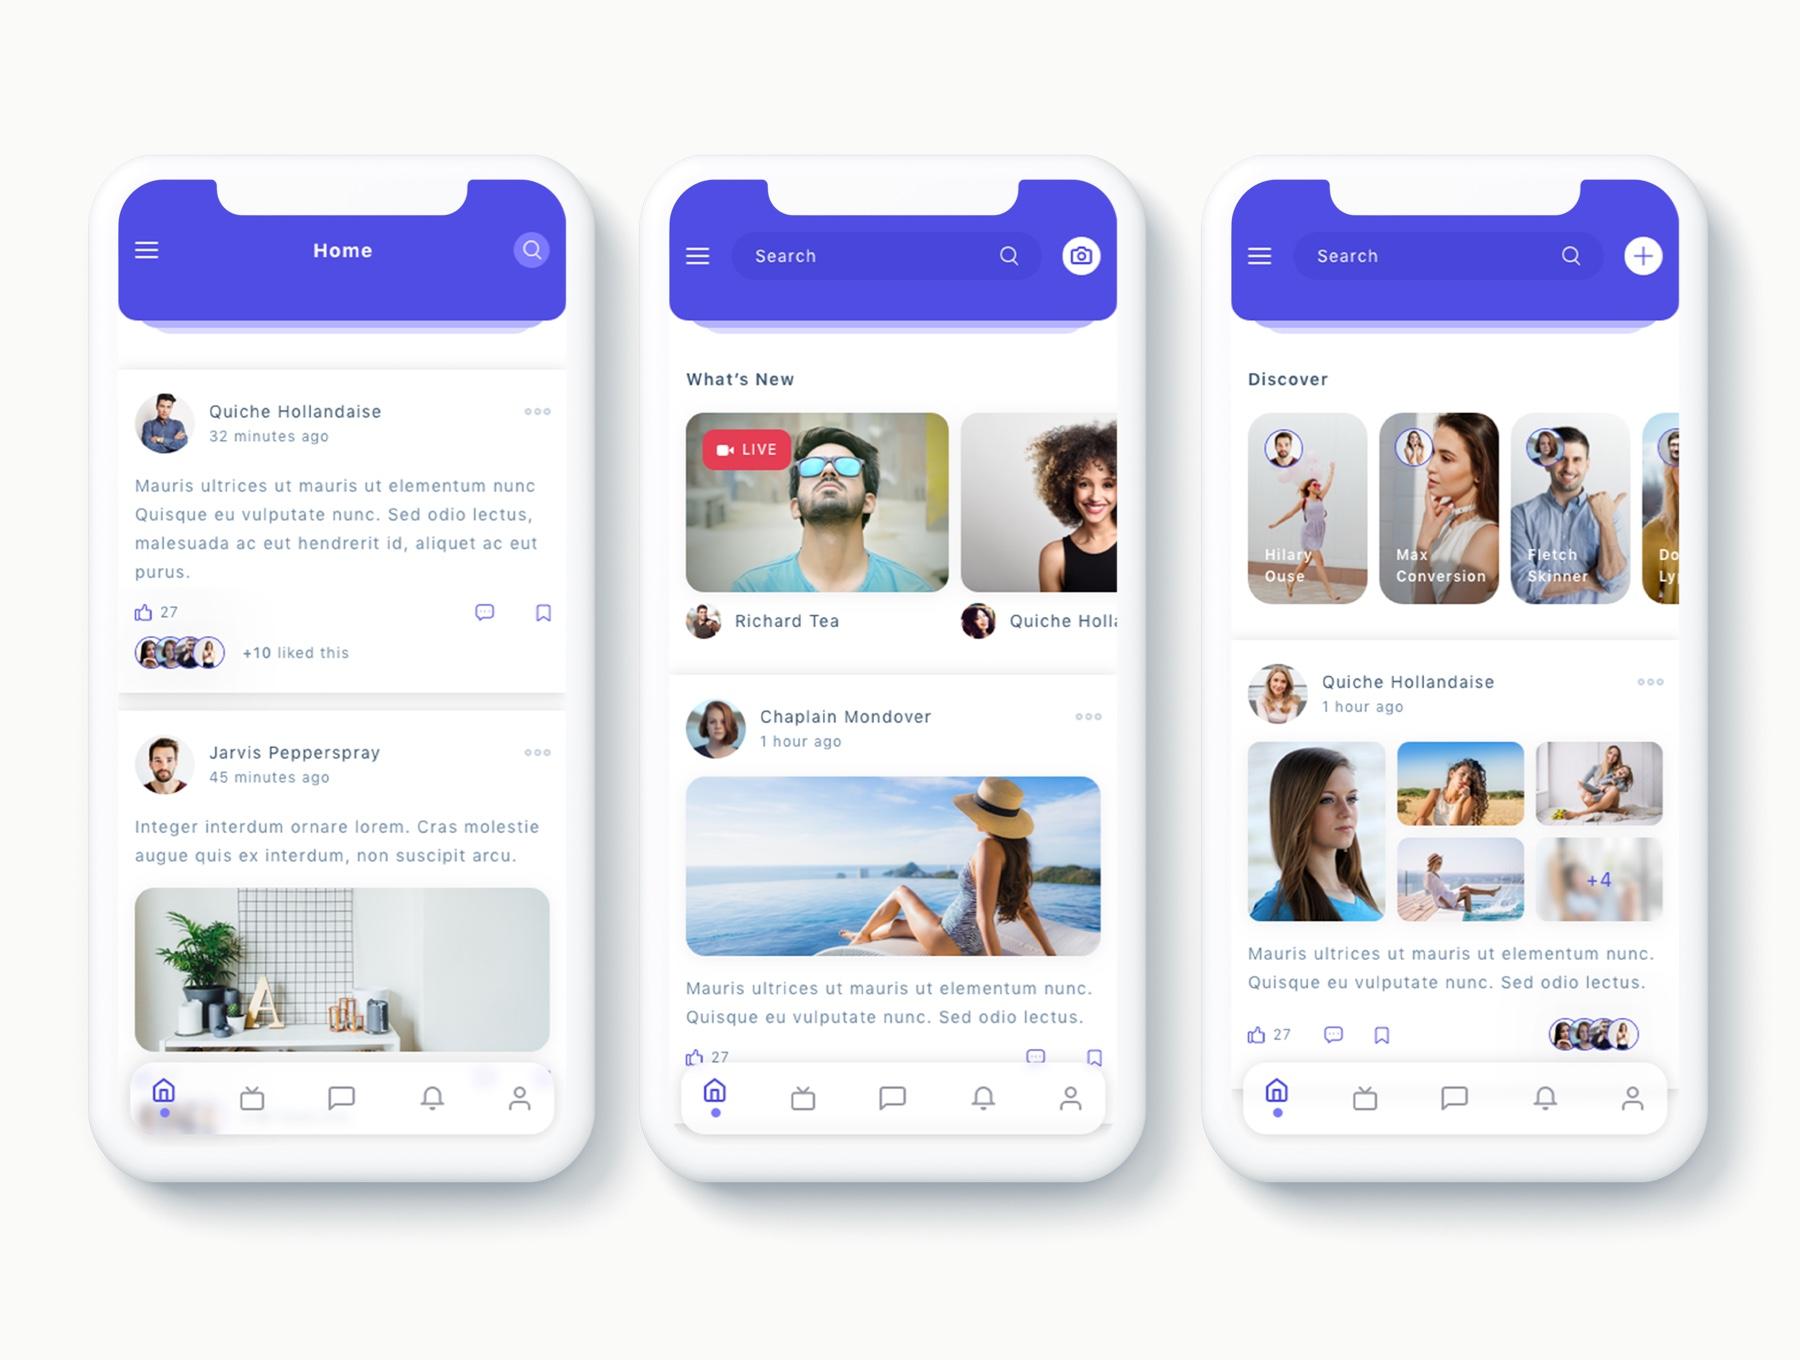 交友社交APP应用界面社交UI套件 Susen – Social Network App UI Kit插图(4)